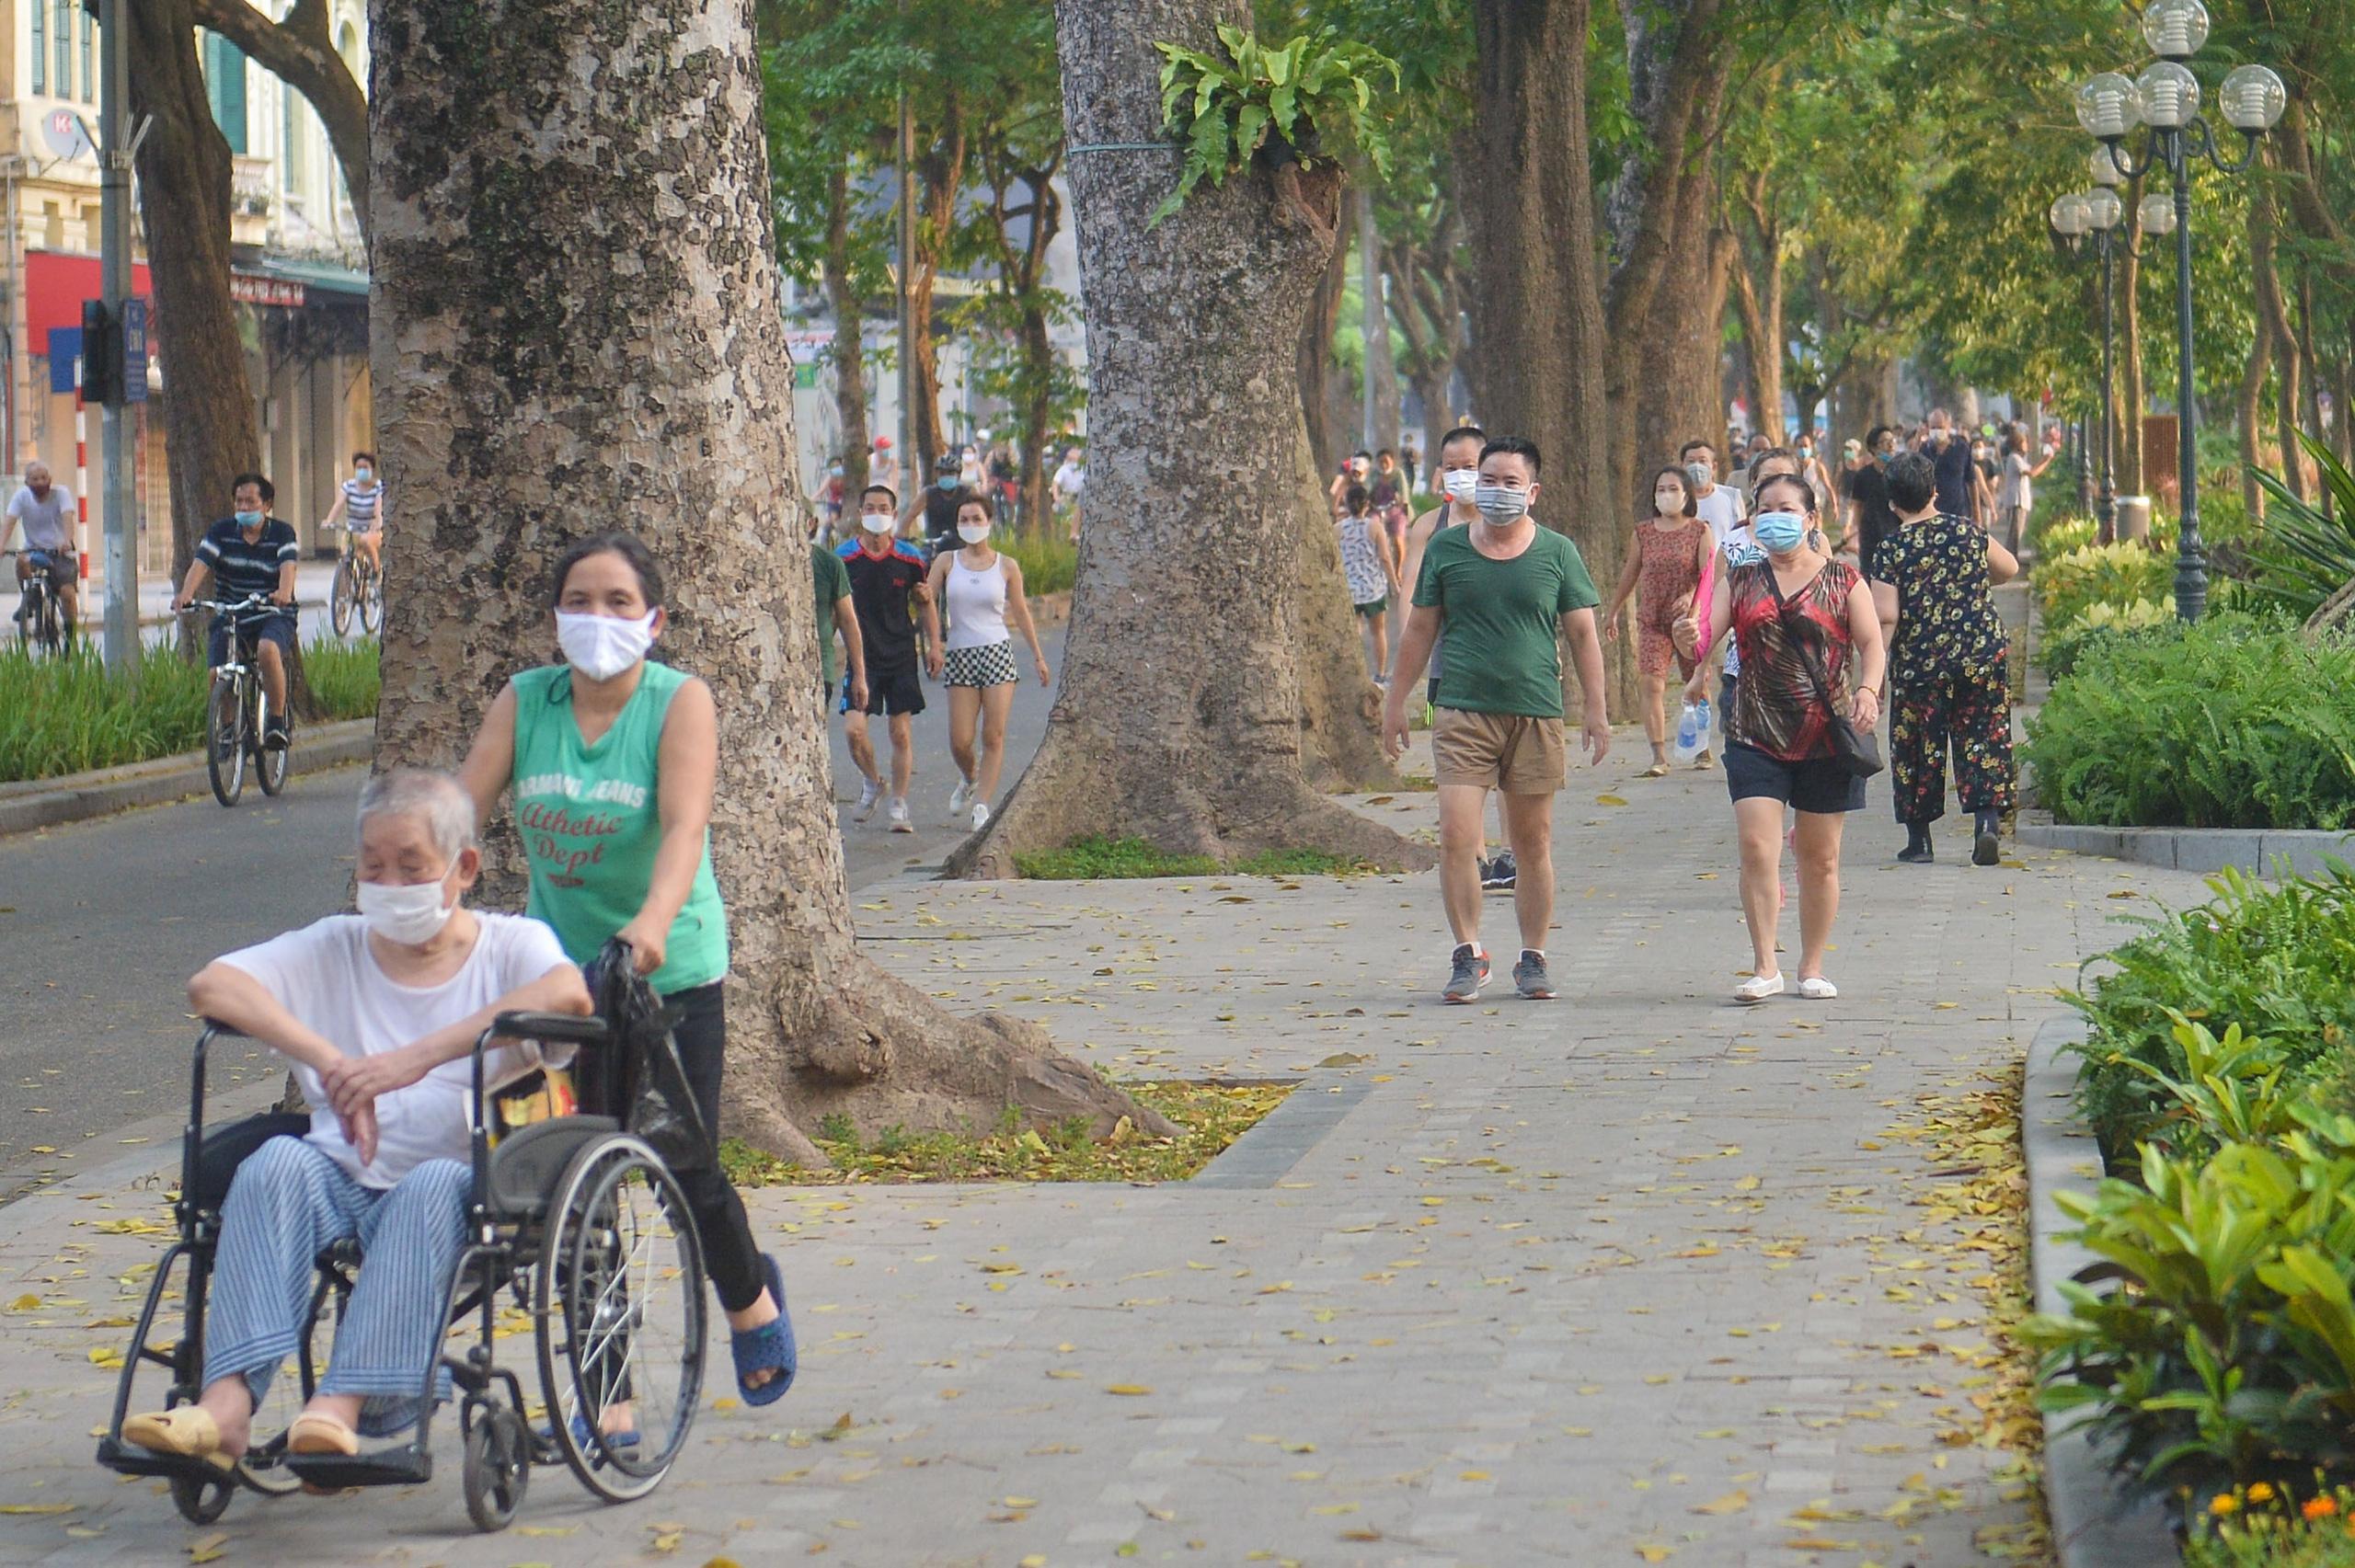 Hàng trăm người dân tập thể dục, đạp xe quanh hồ Gươm bất chấp dịch quy định phòng dịch Covid-19 - Ảnh 12.